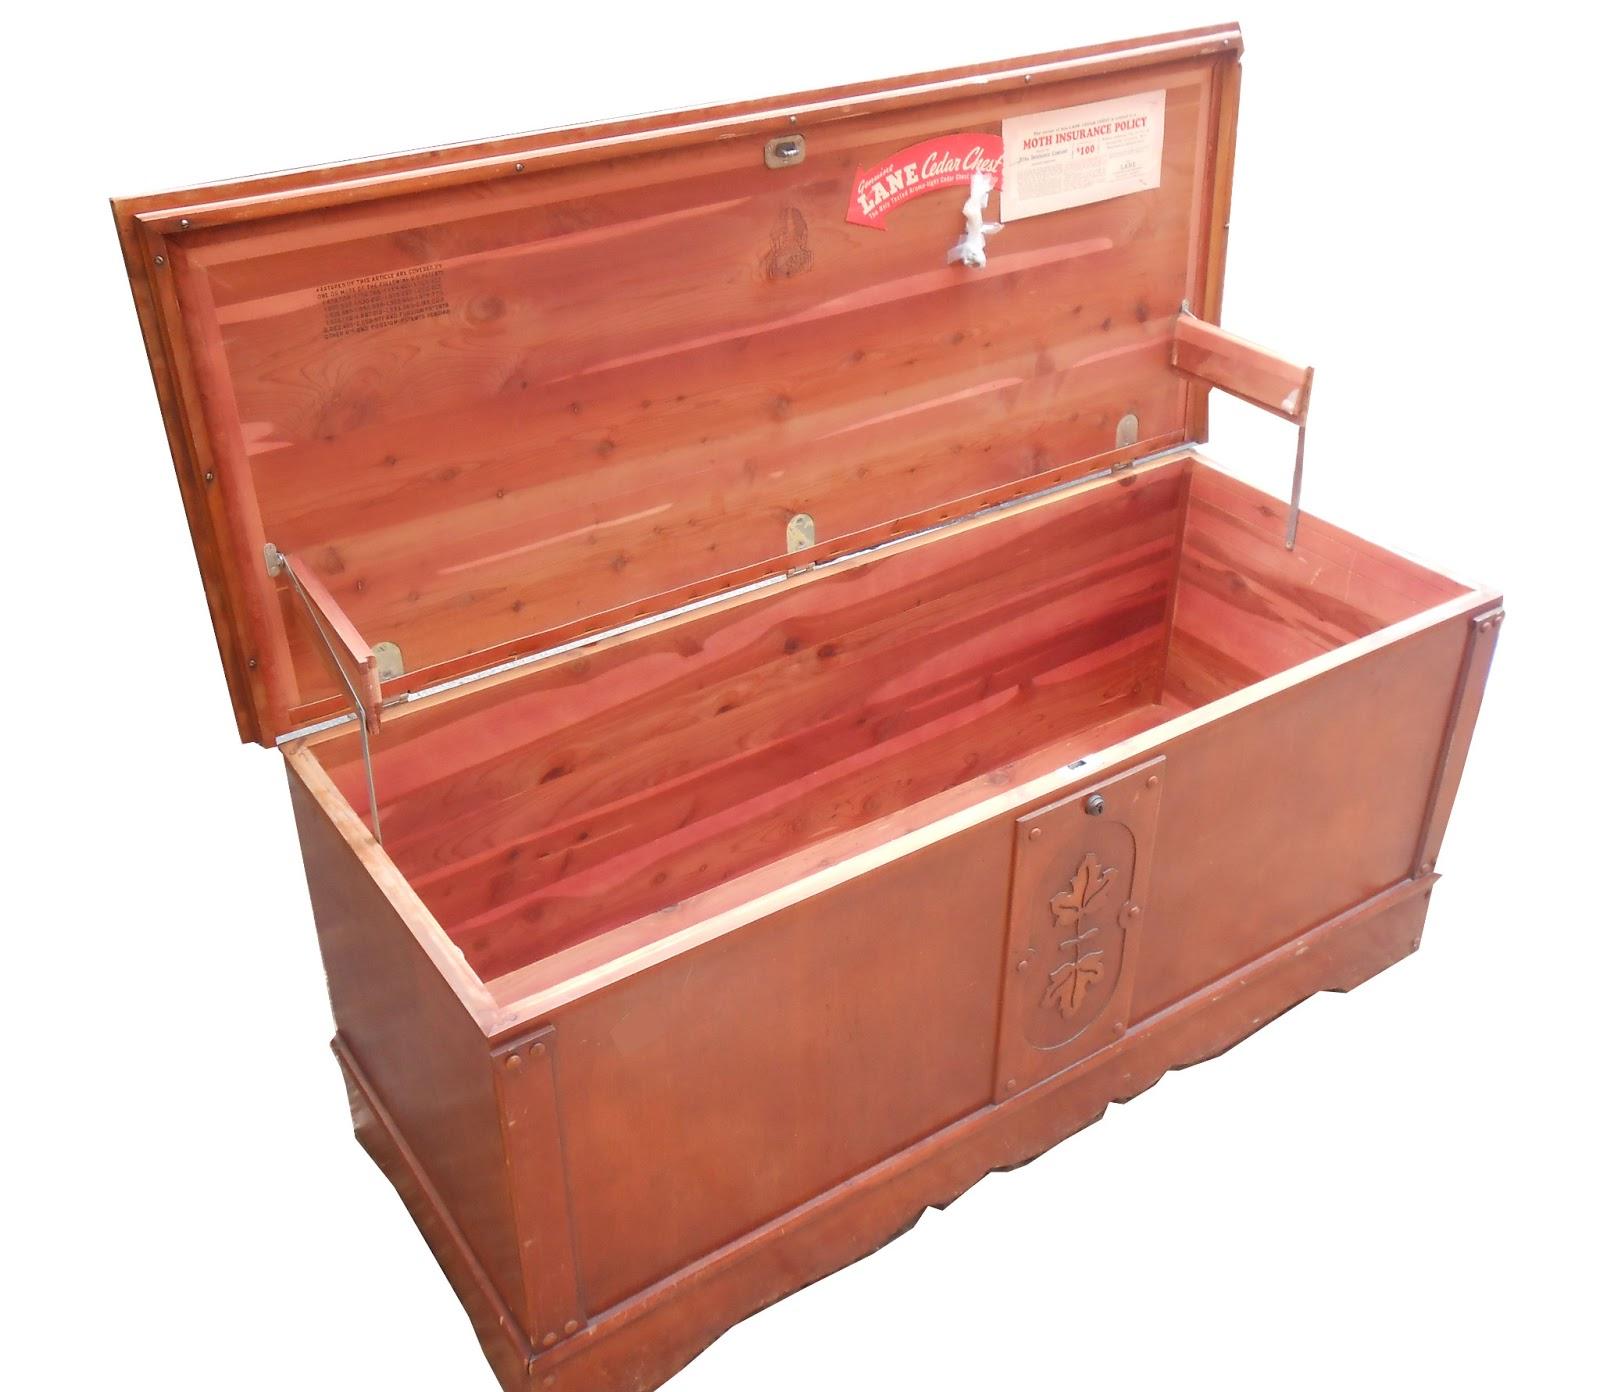 Uhuru Furniture & Collectibles: Vintage Lane Cedar Chest- SOLD